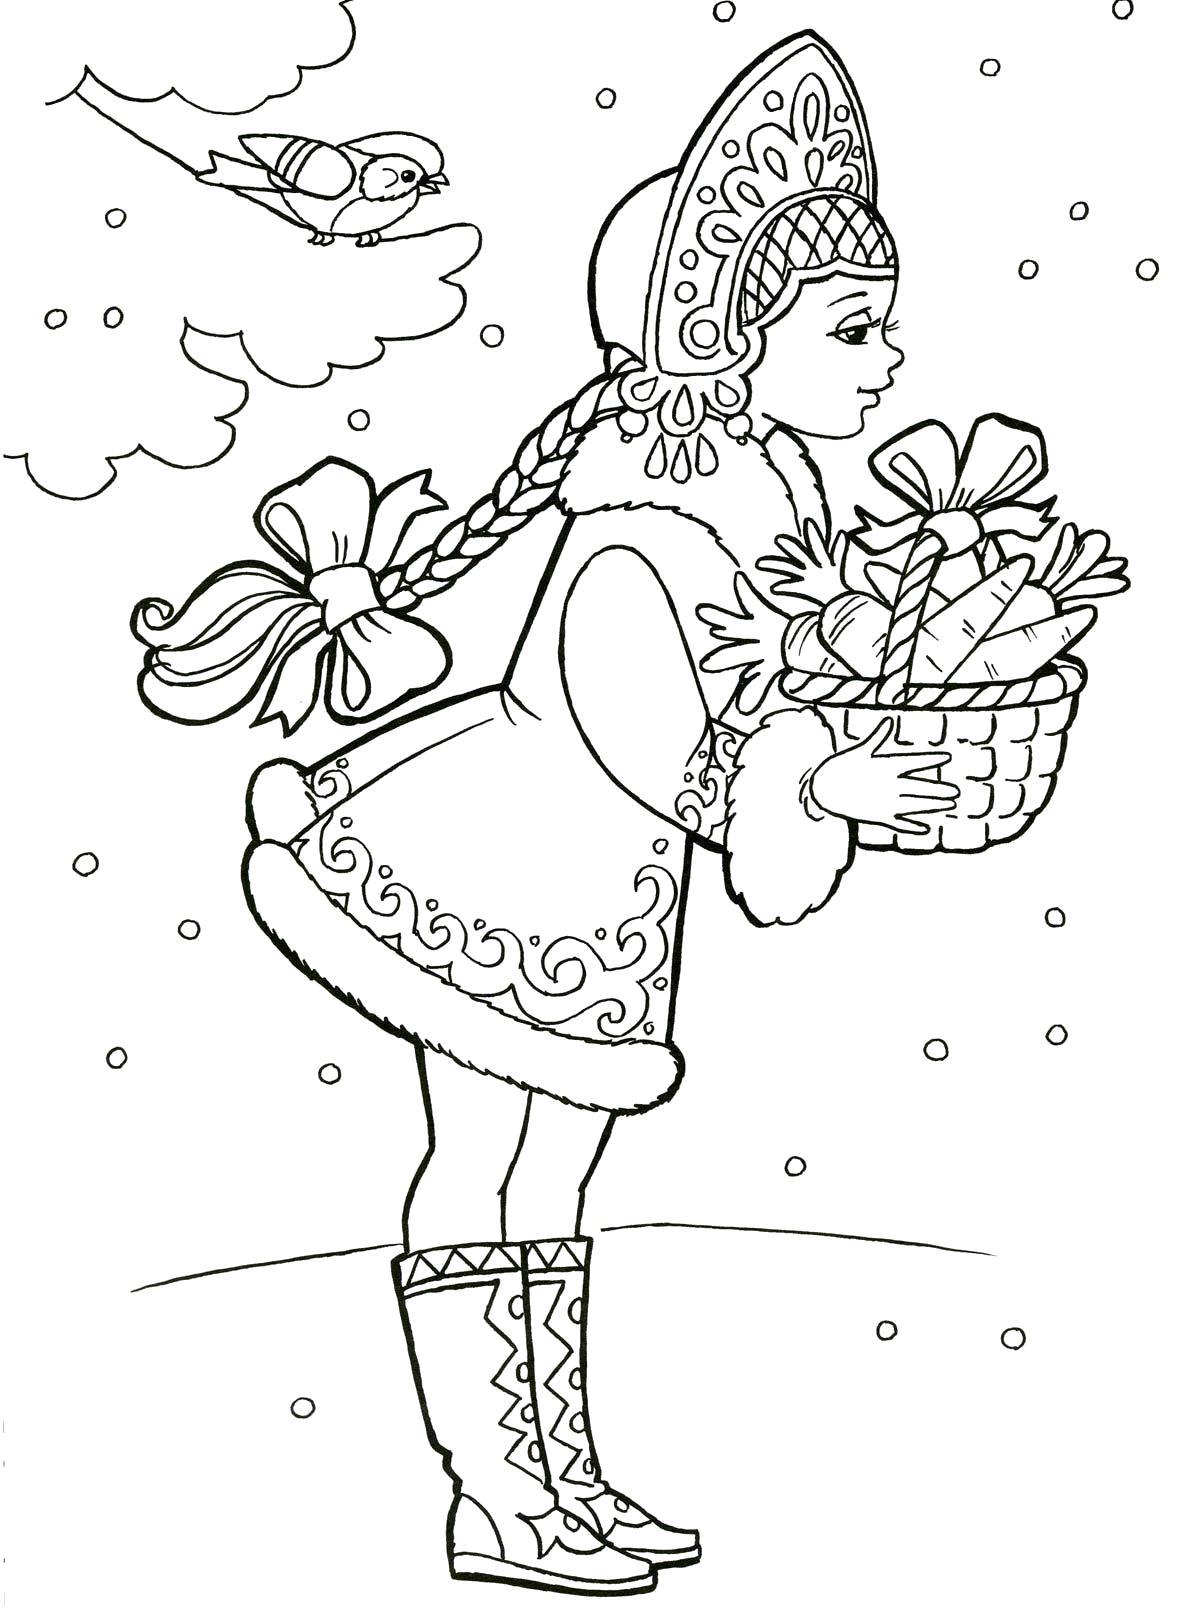 Раскраска снегурочка с подарками. Скачать новогодние.  Распечатать новогодние